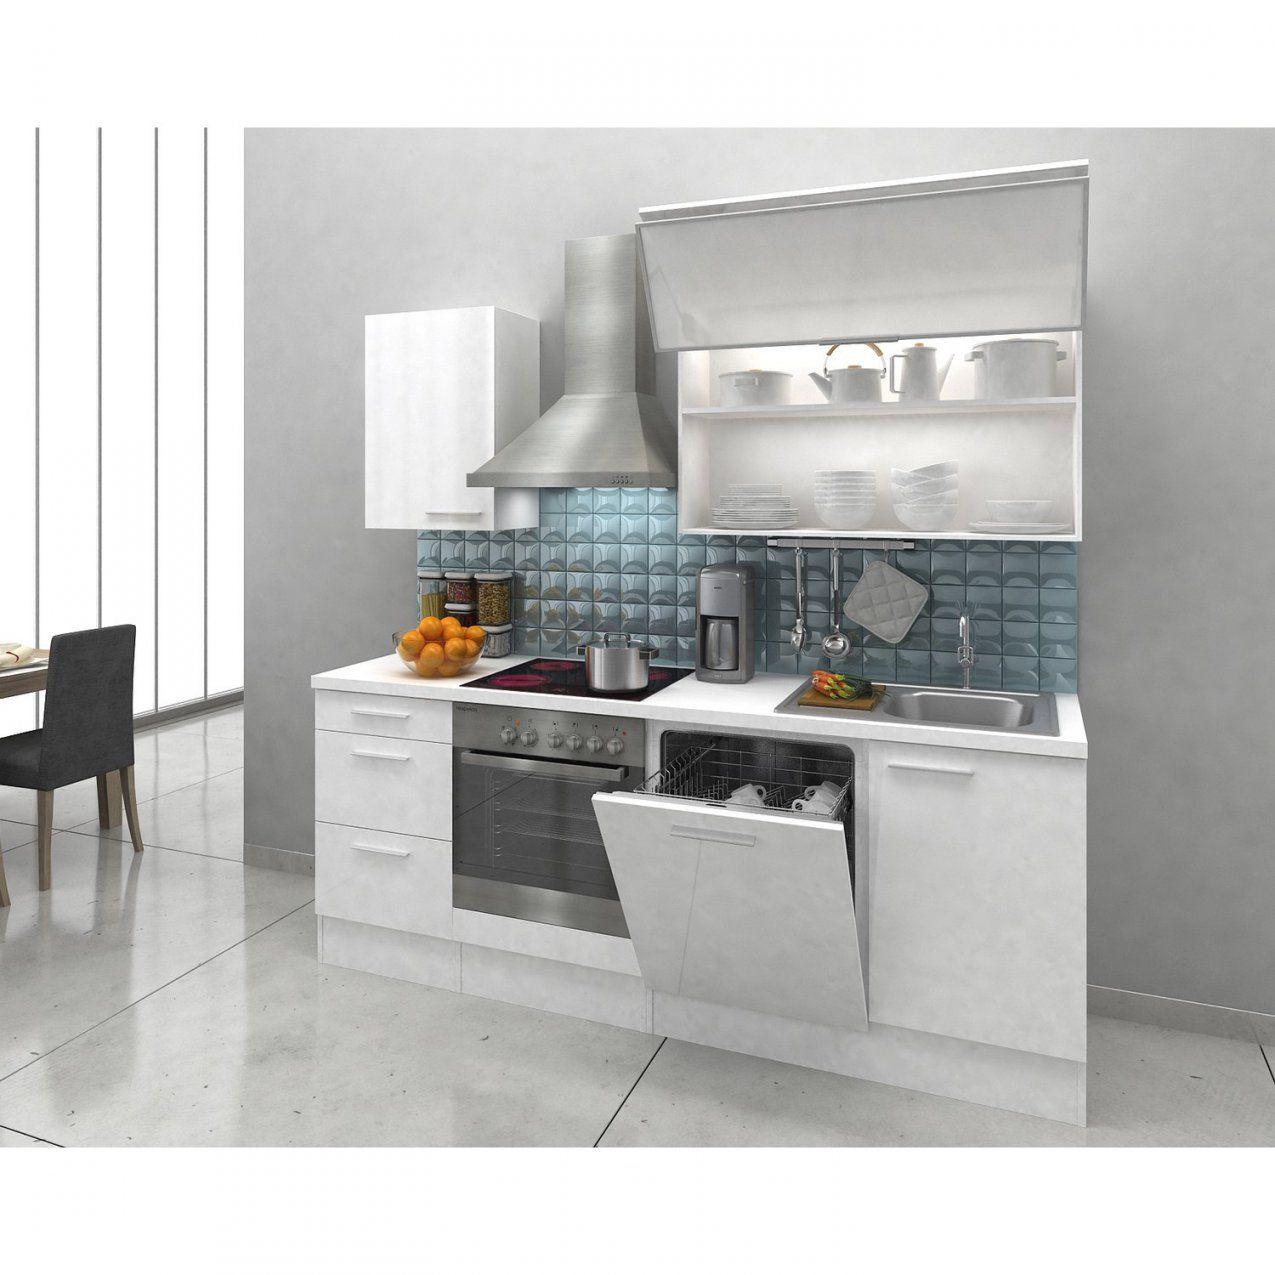 Respekta Premium Küchenzeile Rp220Wwc 220 Cm Weiß Kaufen Bei Obi von Küchenzeile 220 Cm Mit Kühlschrank Photo